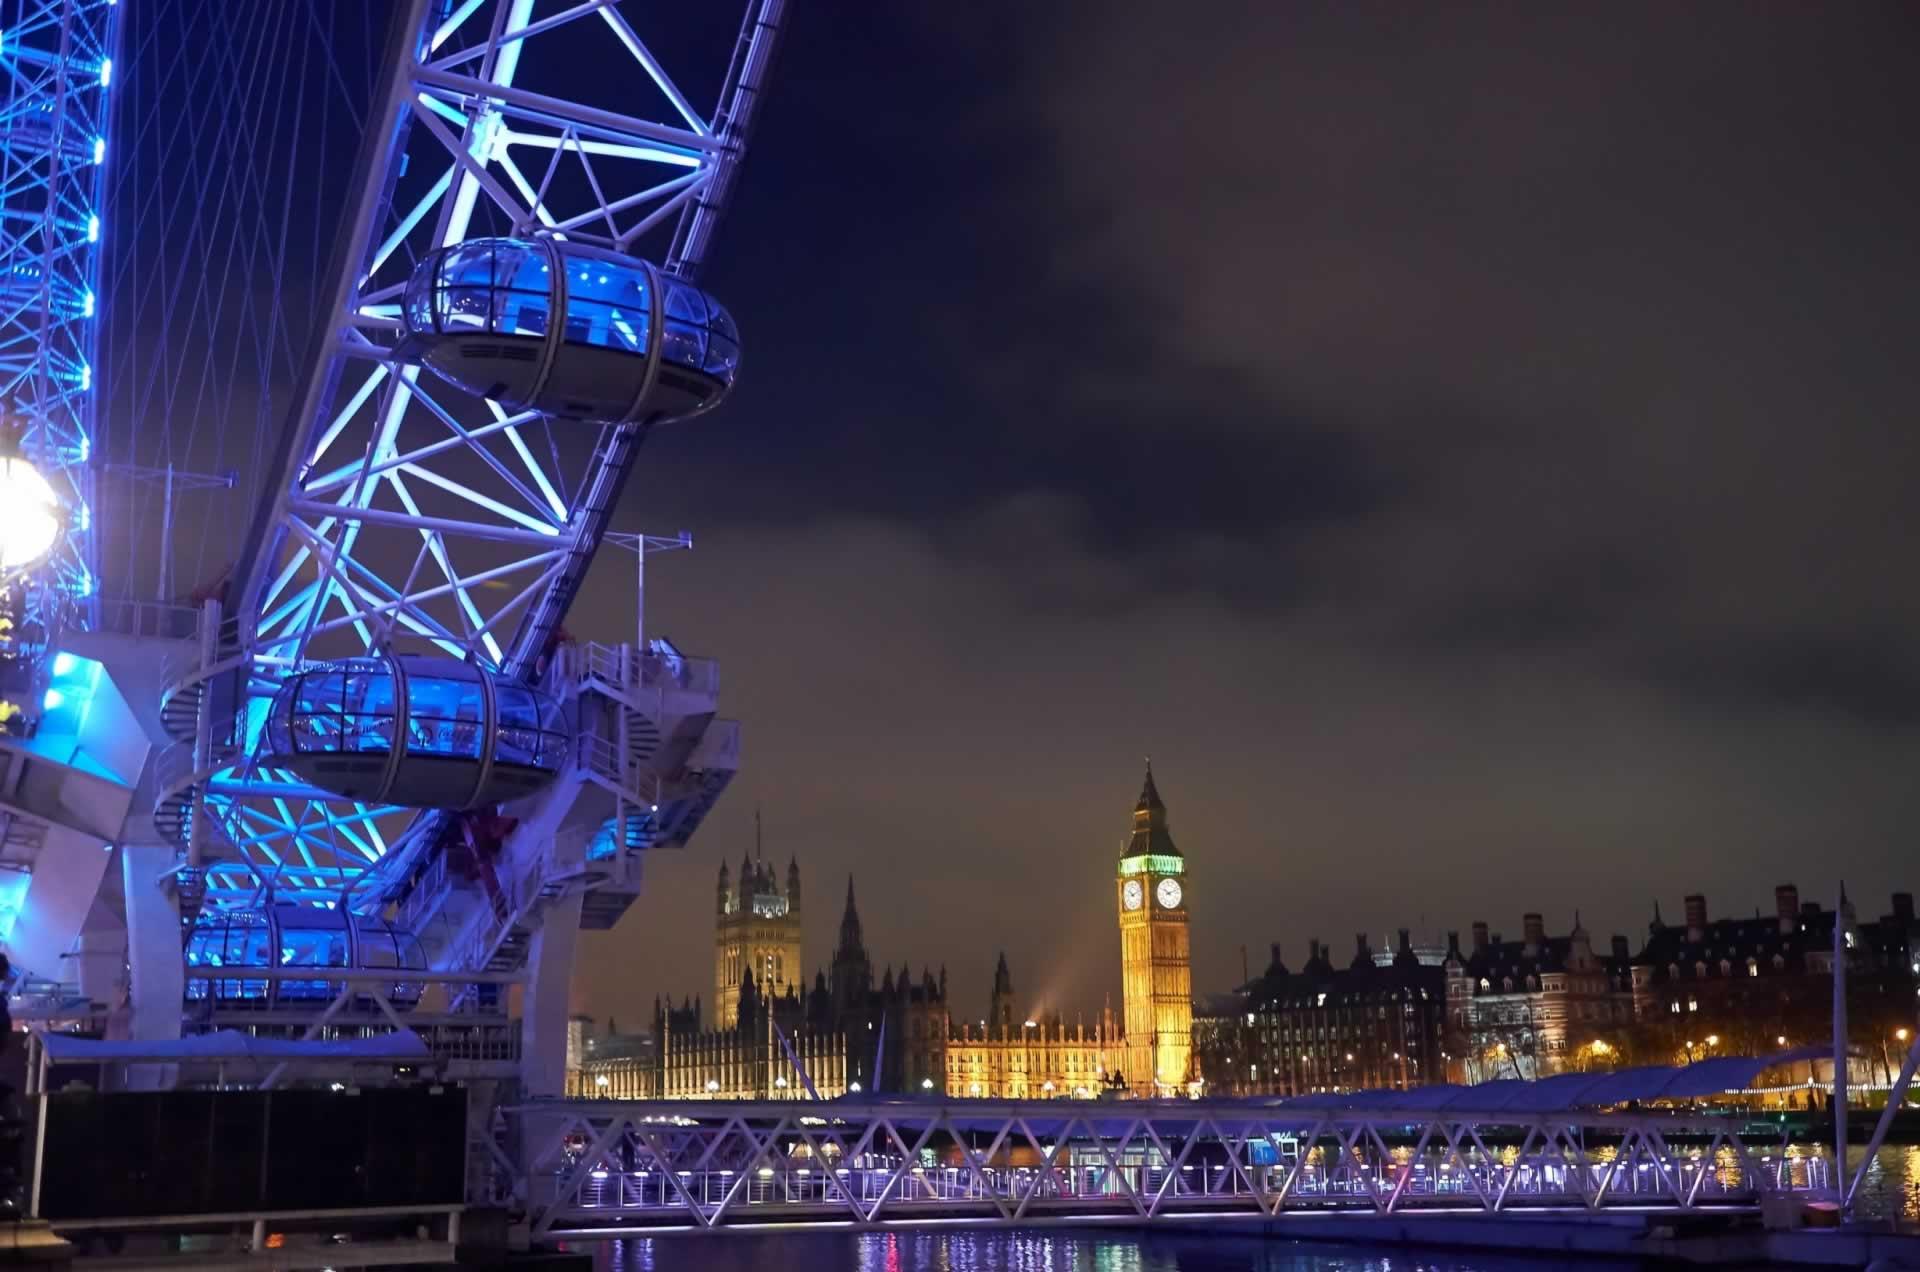 londonbg1920x1272